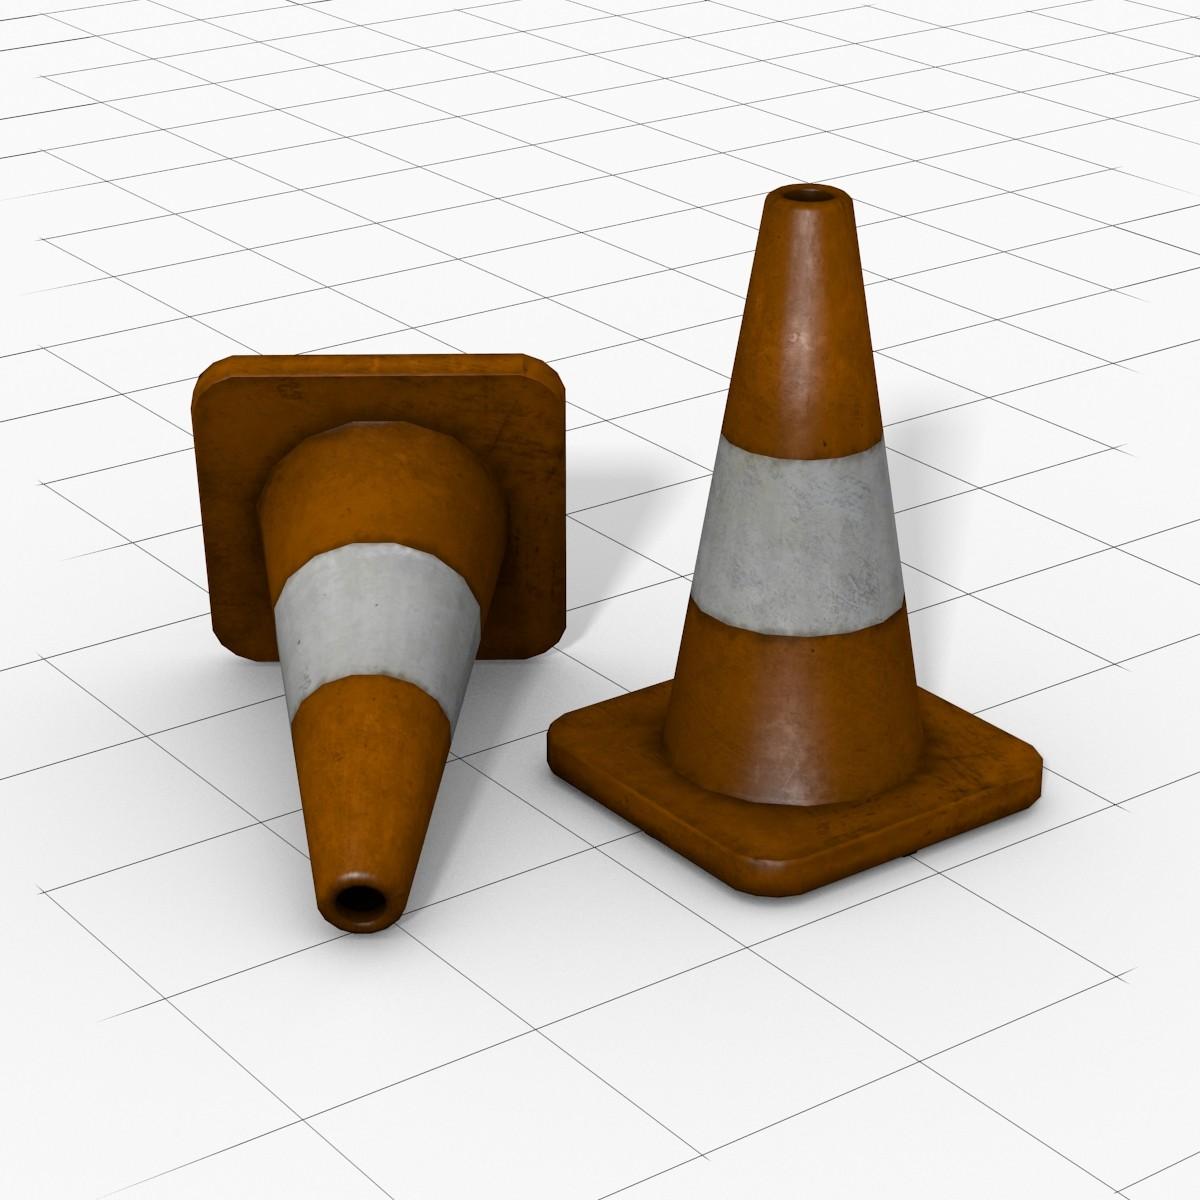 Road Cone_2_3d Model.jpg